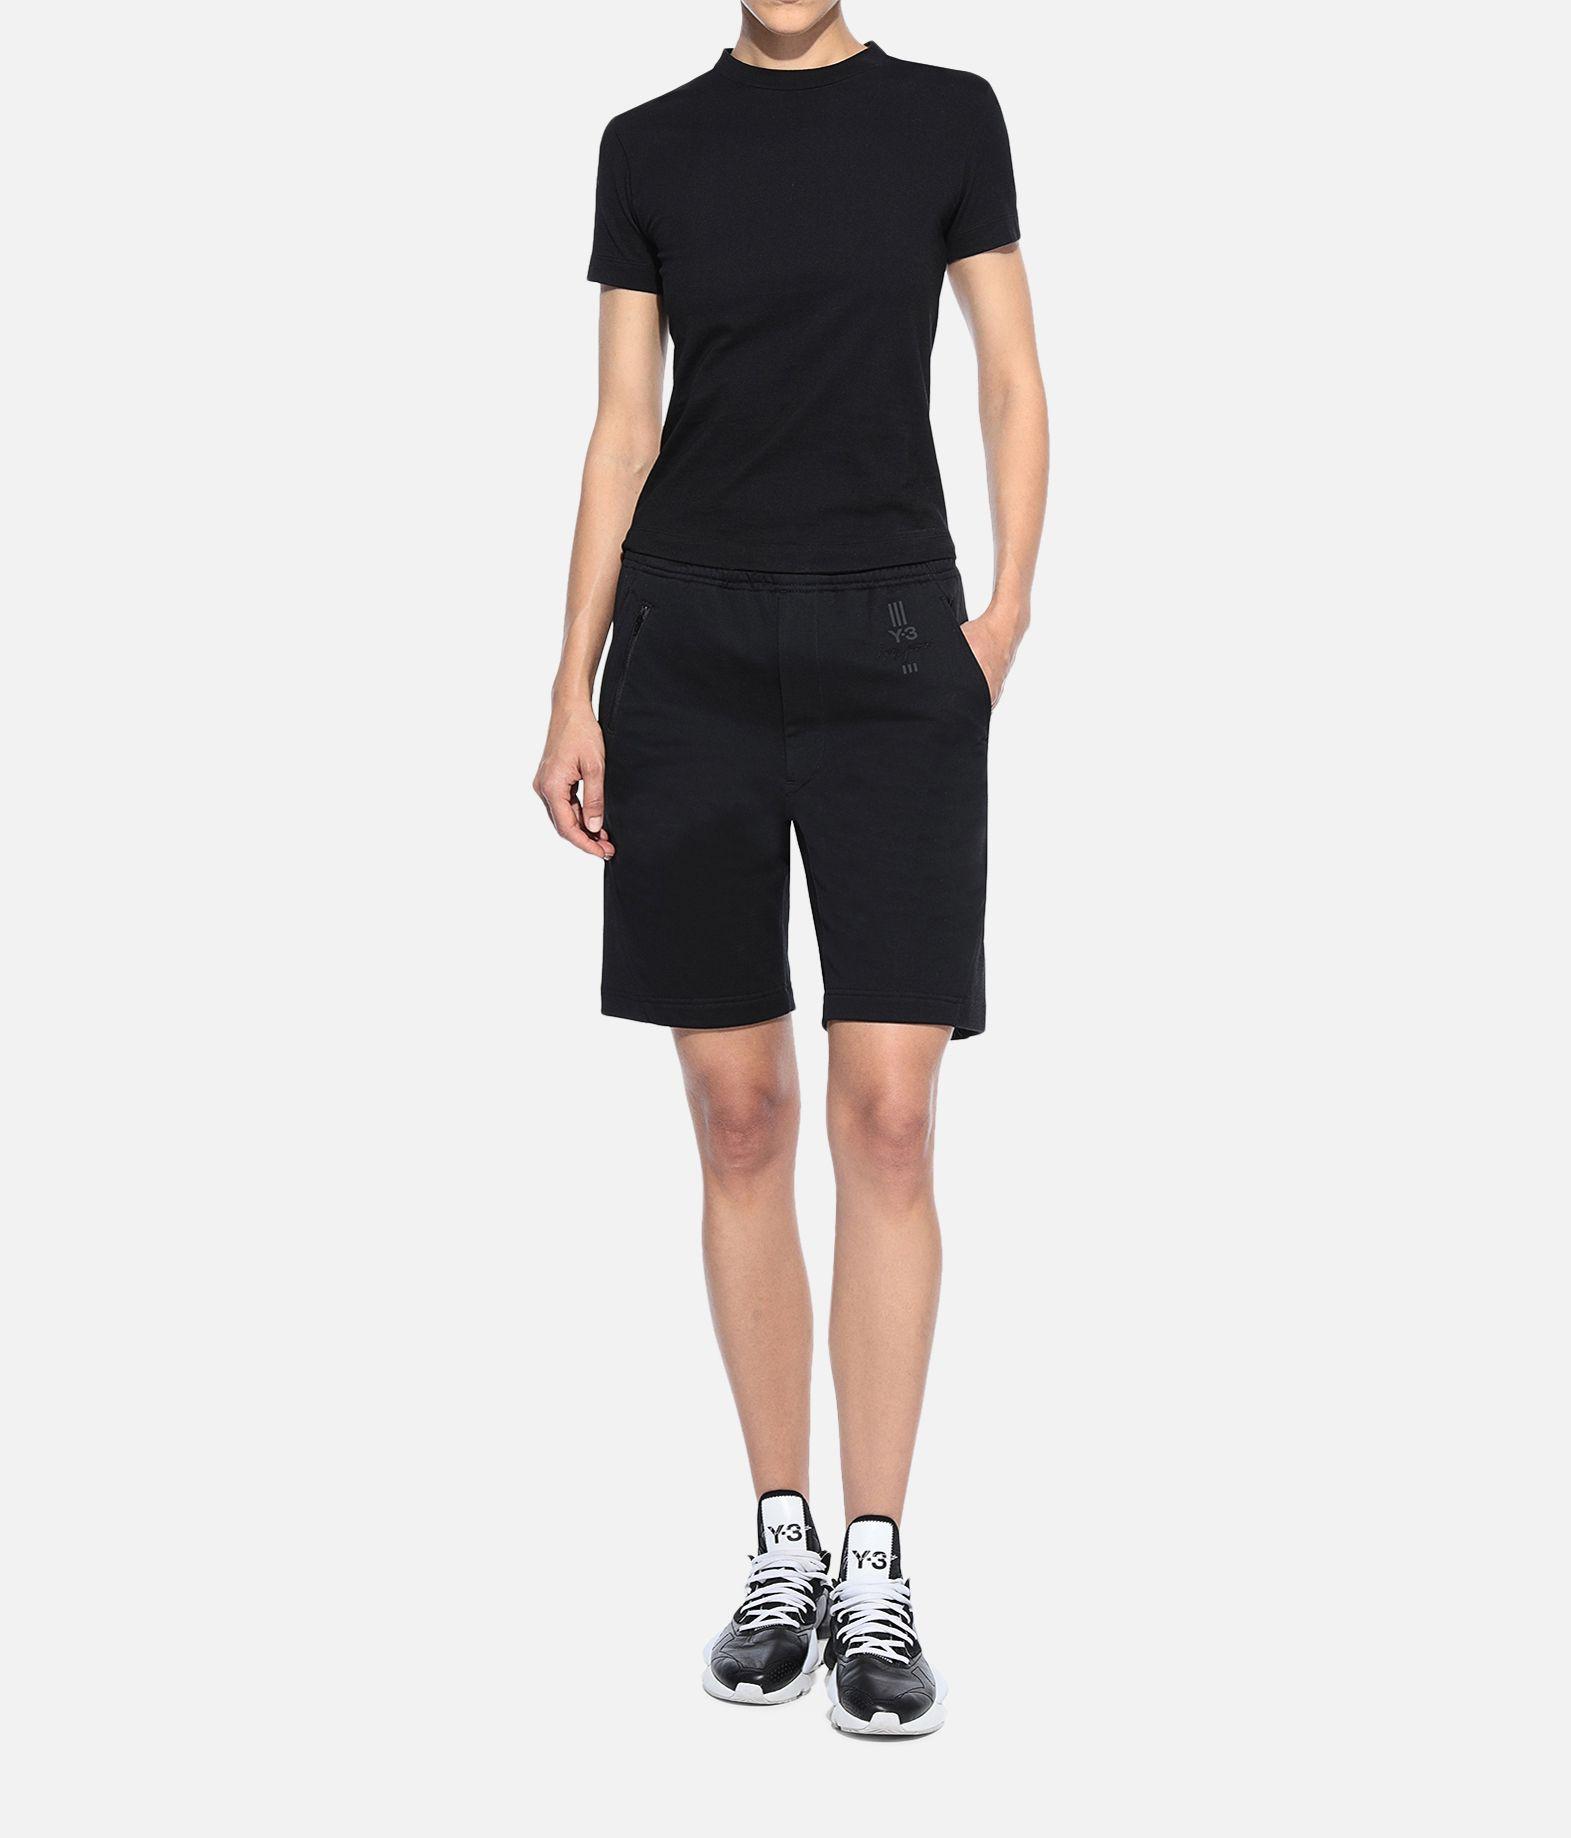 Y-3 Y-3 Classic Shorts Shorts Donna a